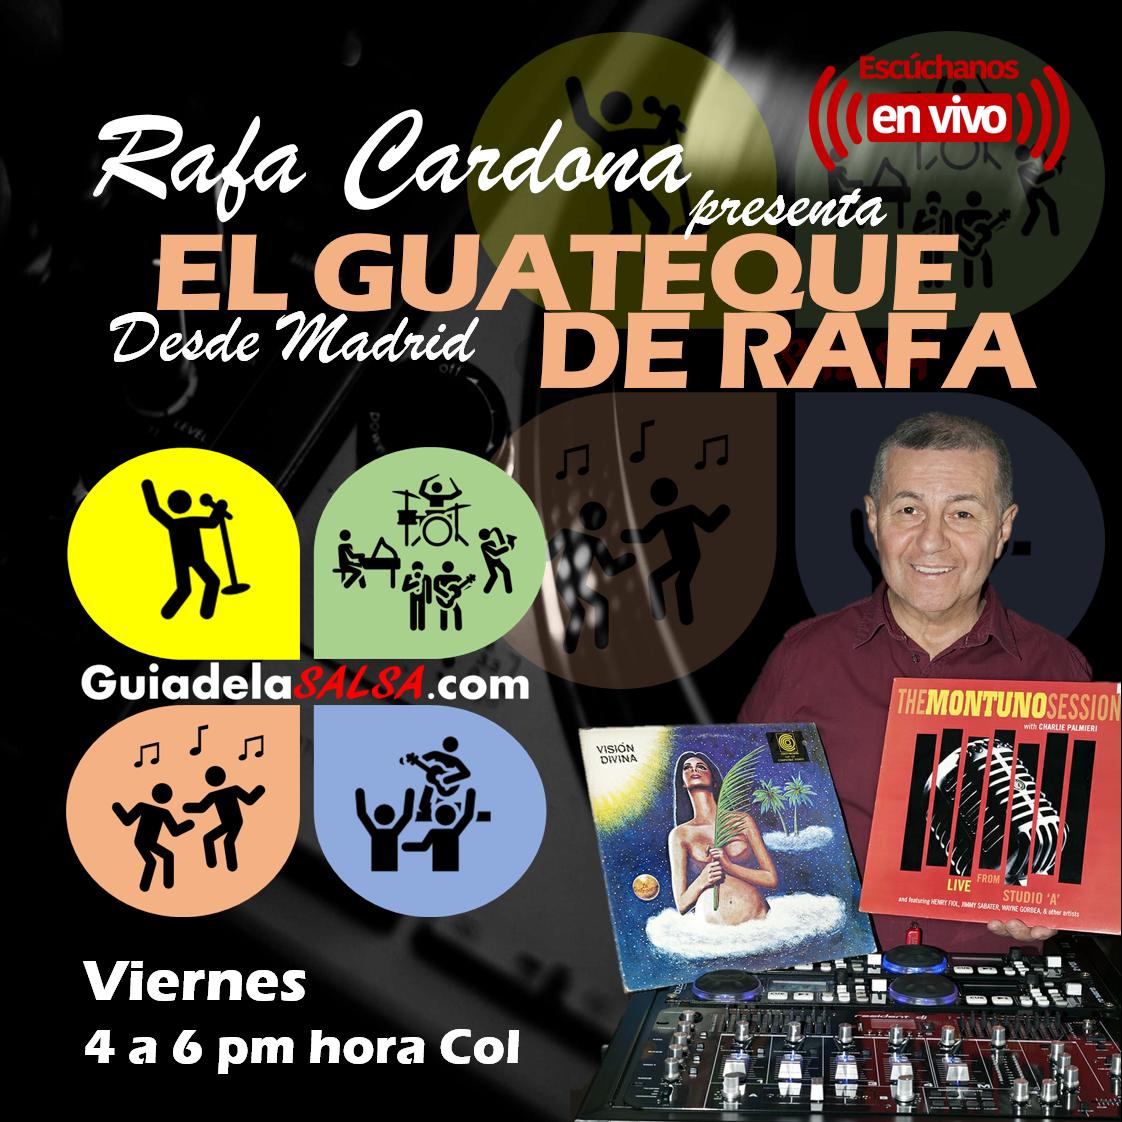 El Guateque de Rafa